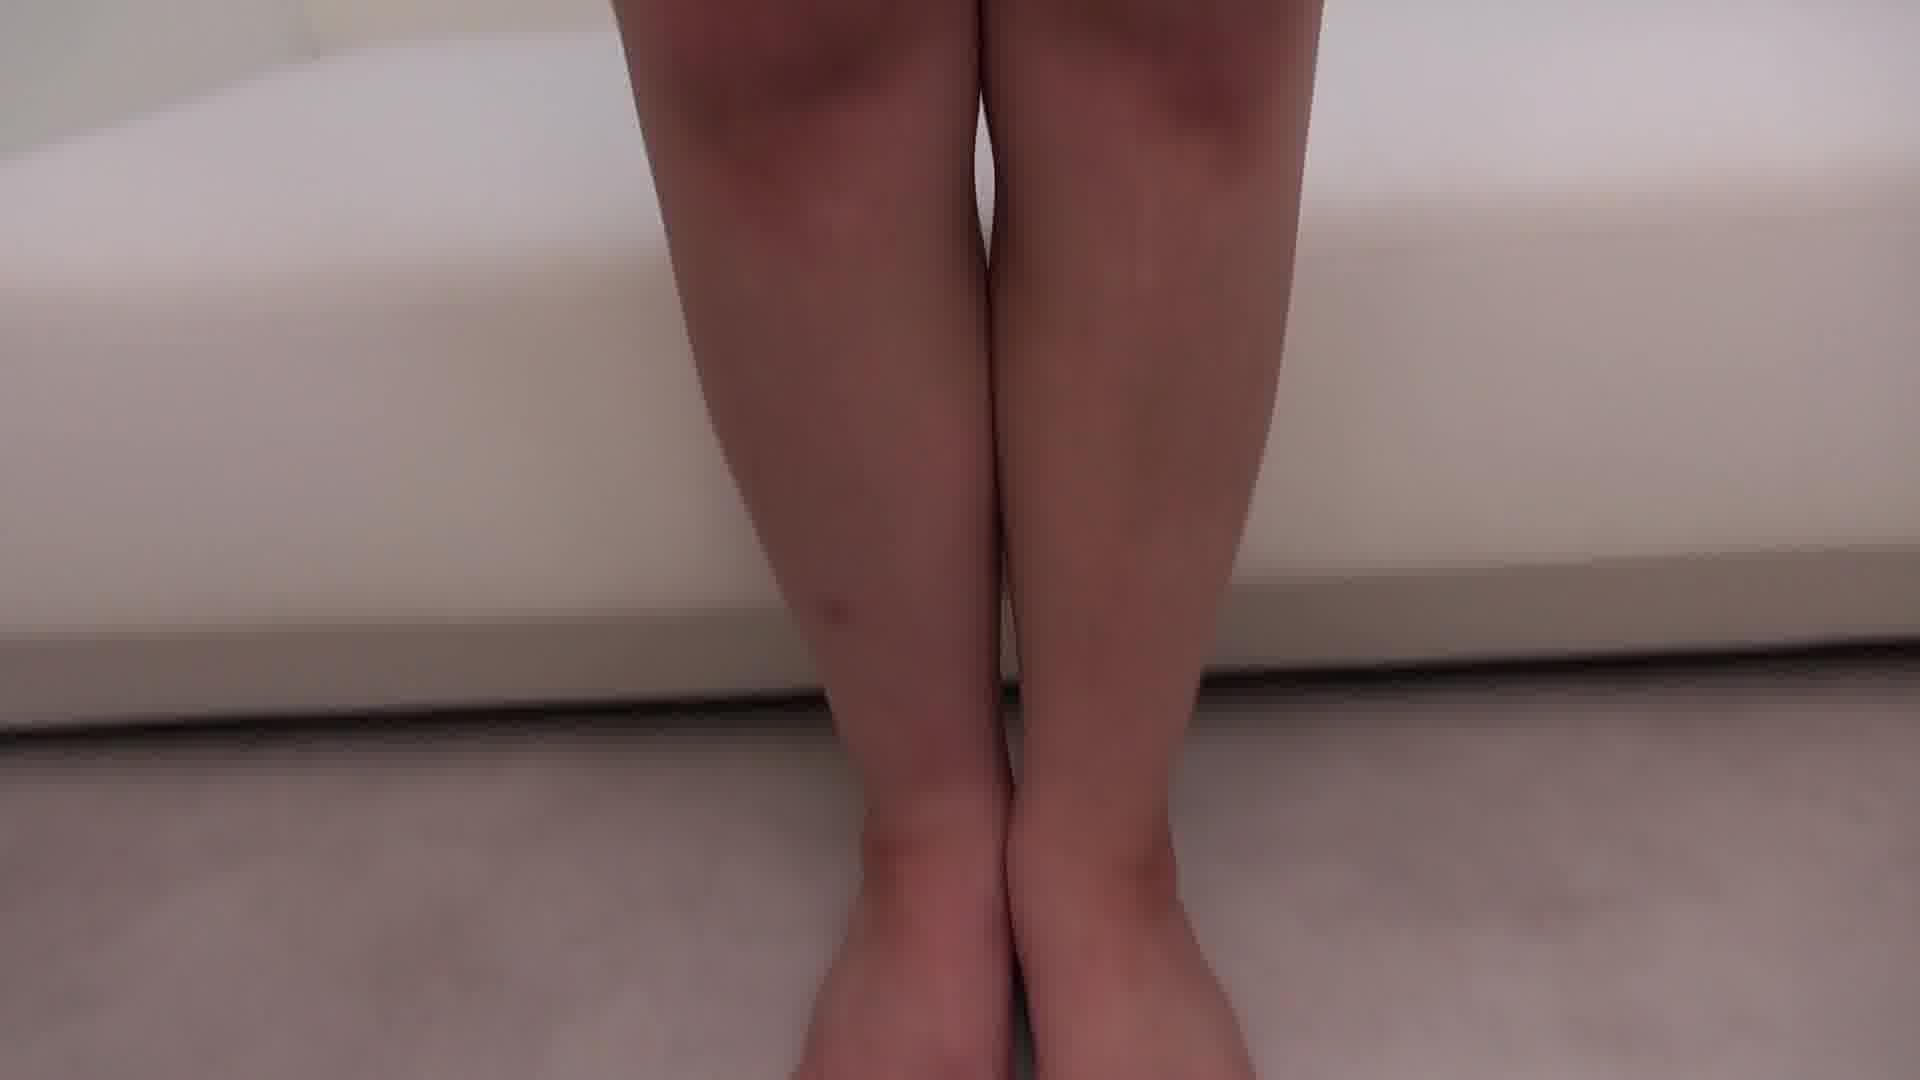 セクシー女優エンサイクロペディア ~私たちの身体を隅々まで見て下さい ~ - 工藤れいか【巨乳・ベスト・オナニー】